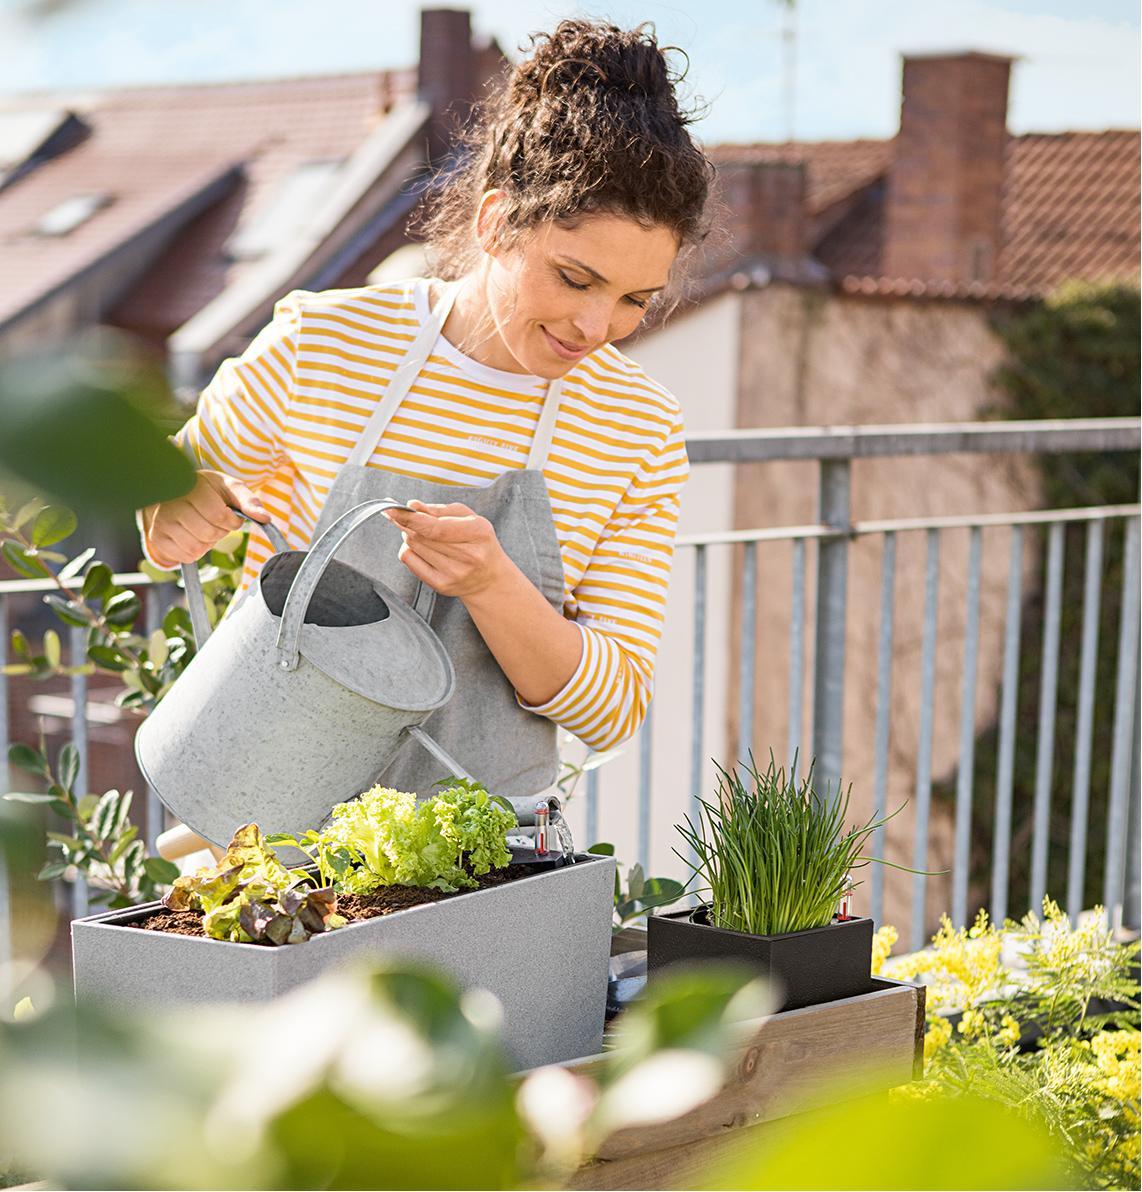 Une femme arrose sa salade plantée